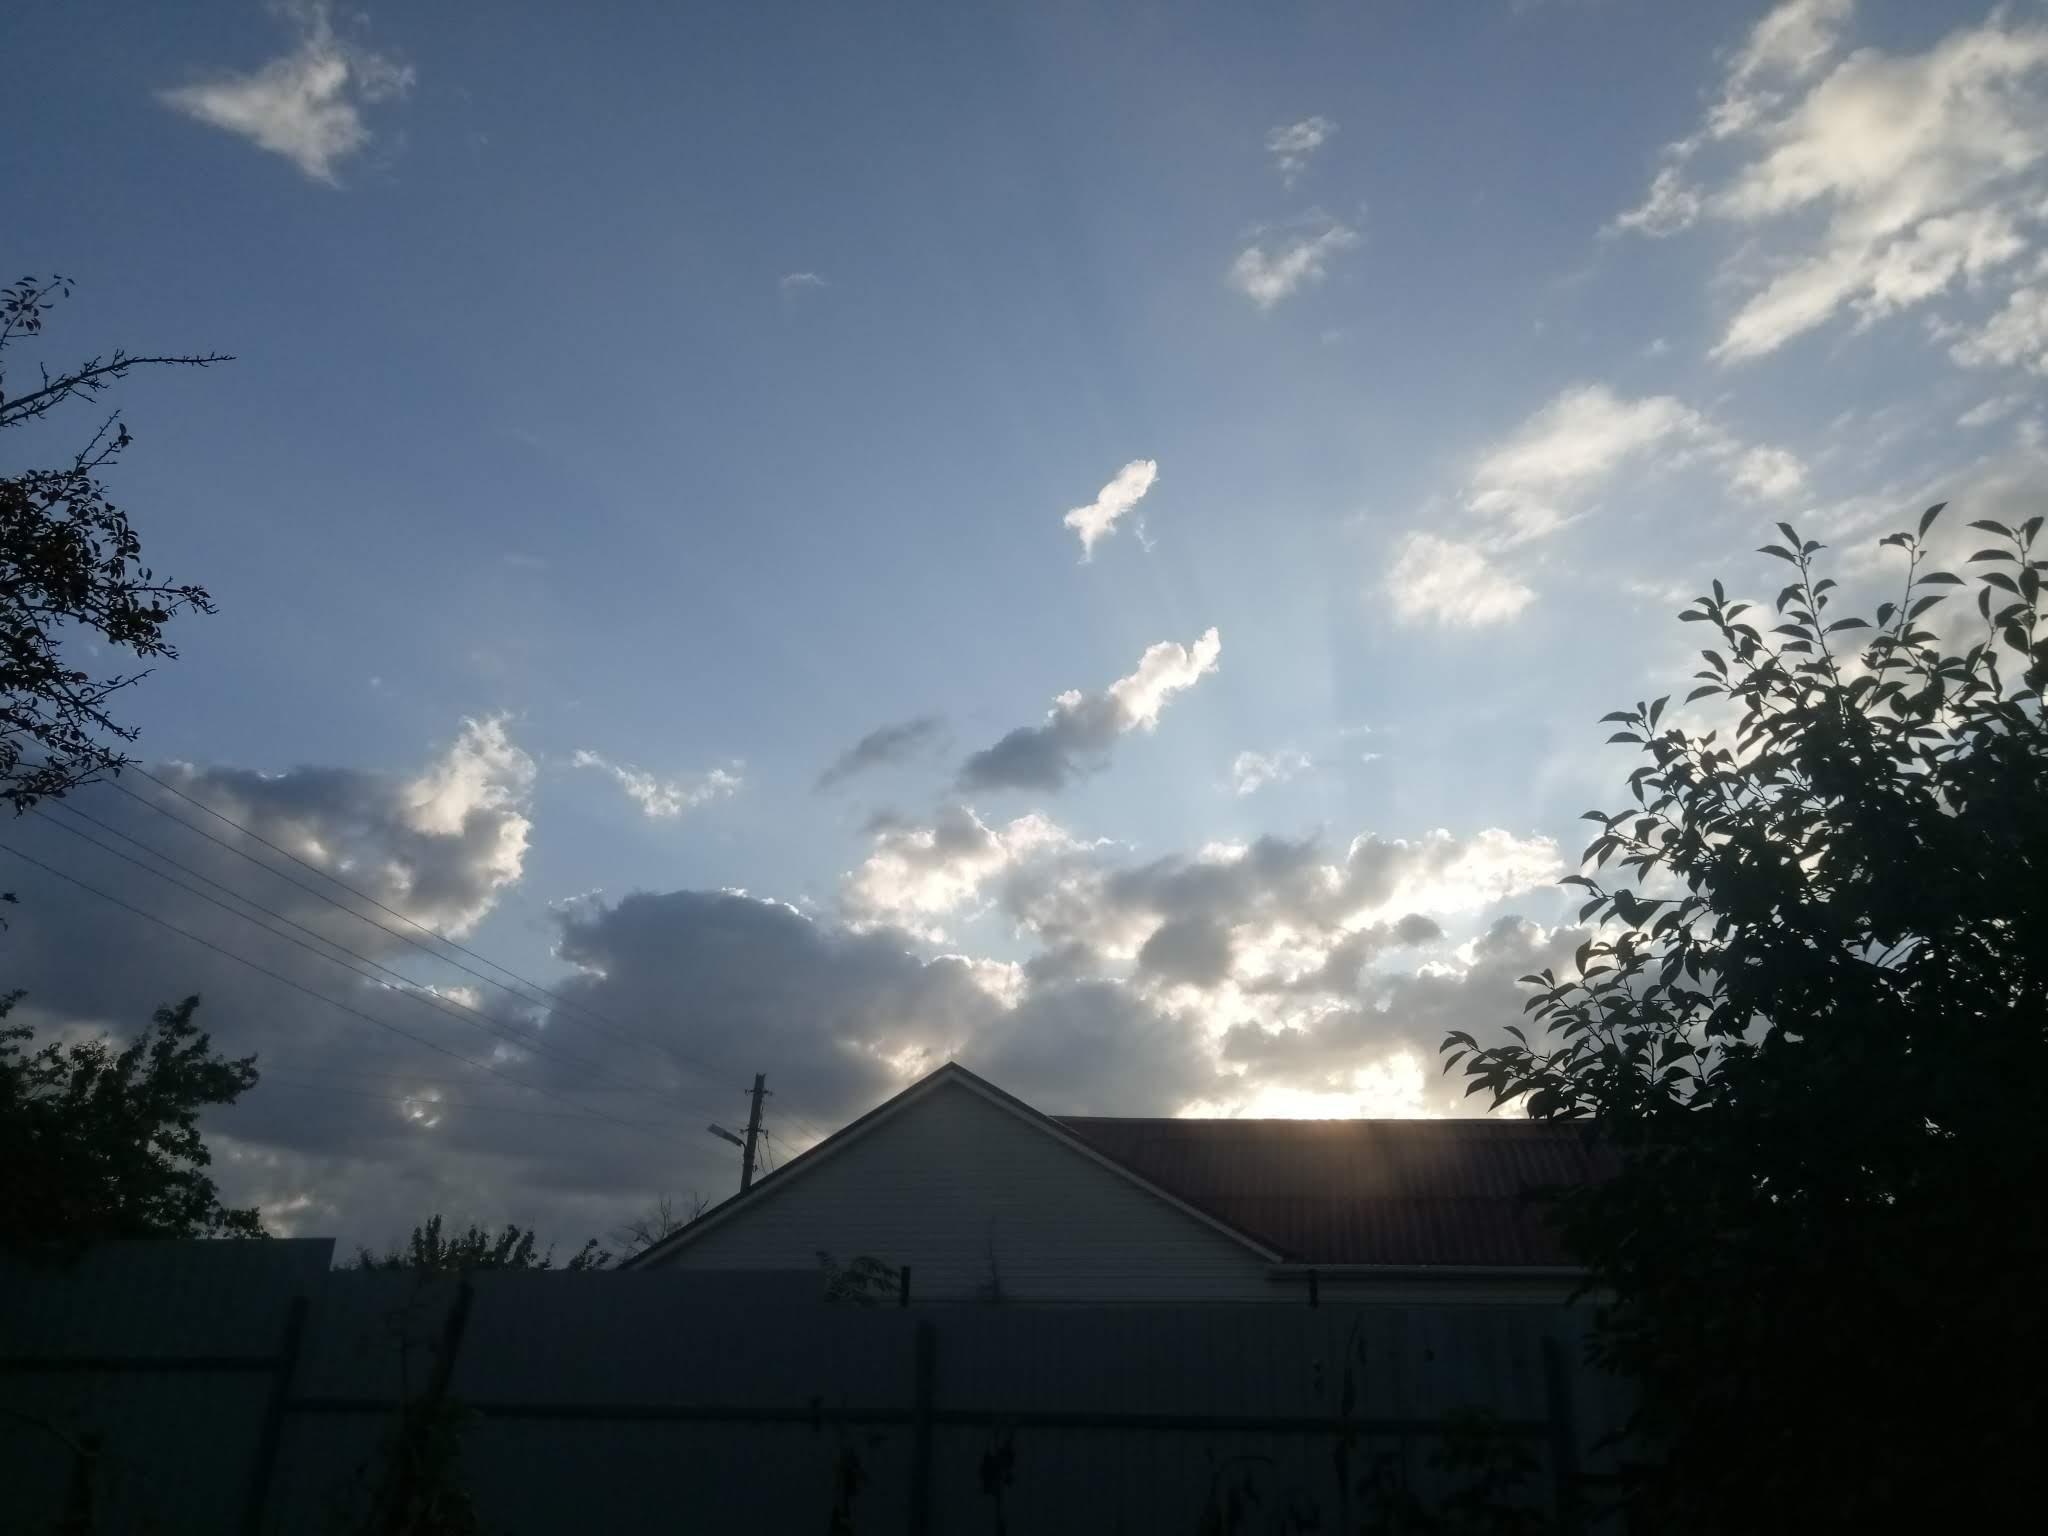 Autumn sky photos